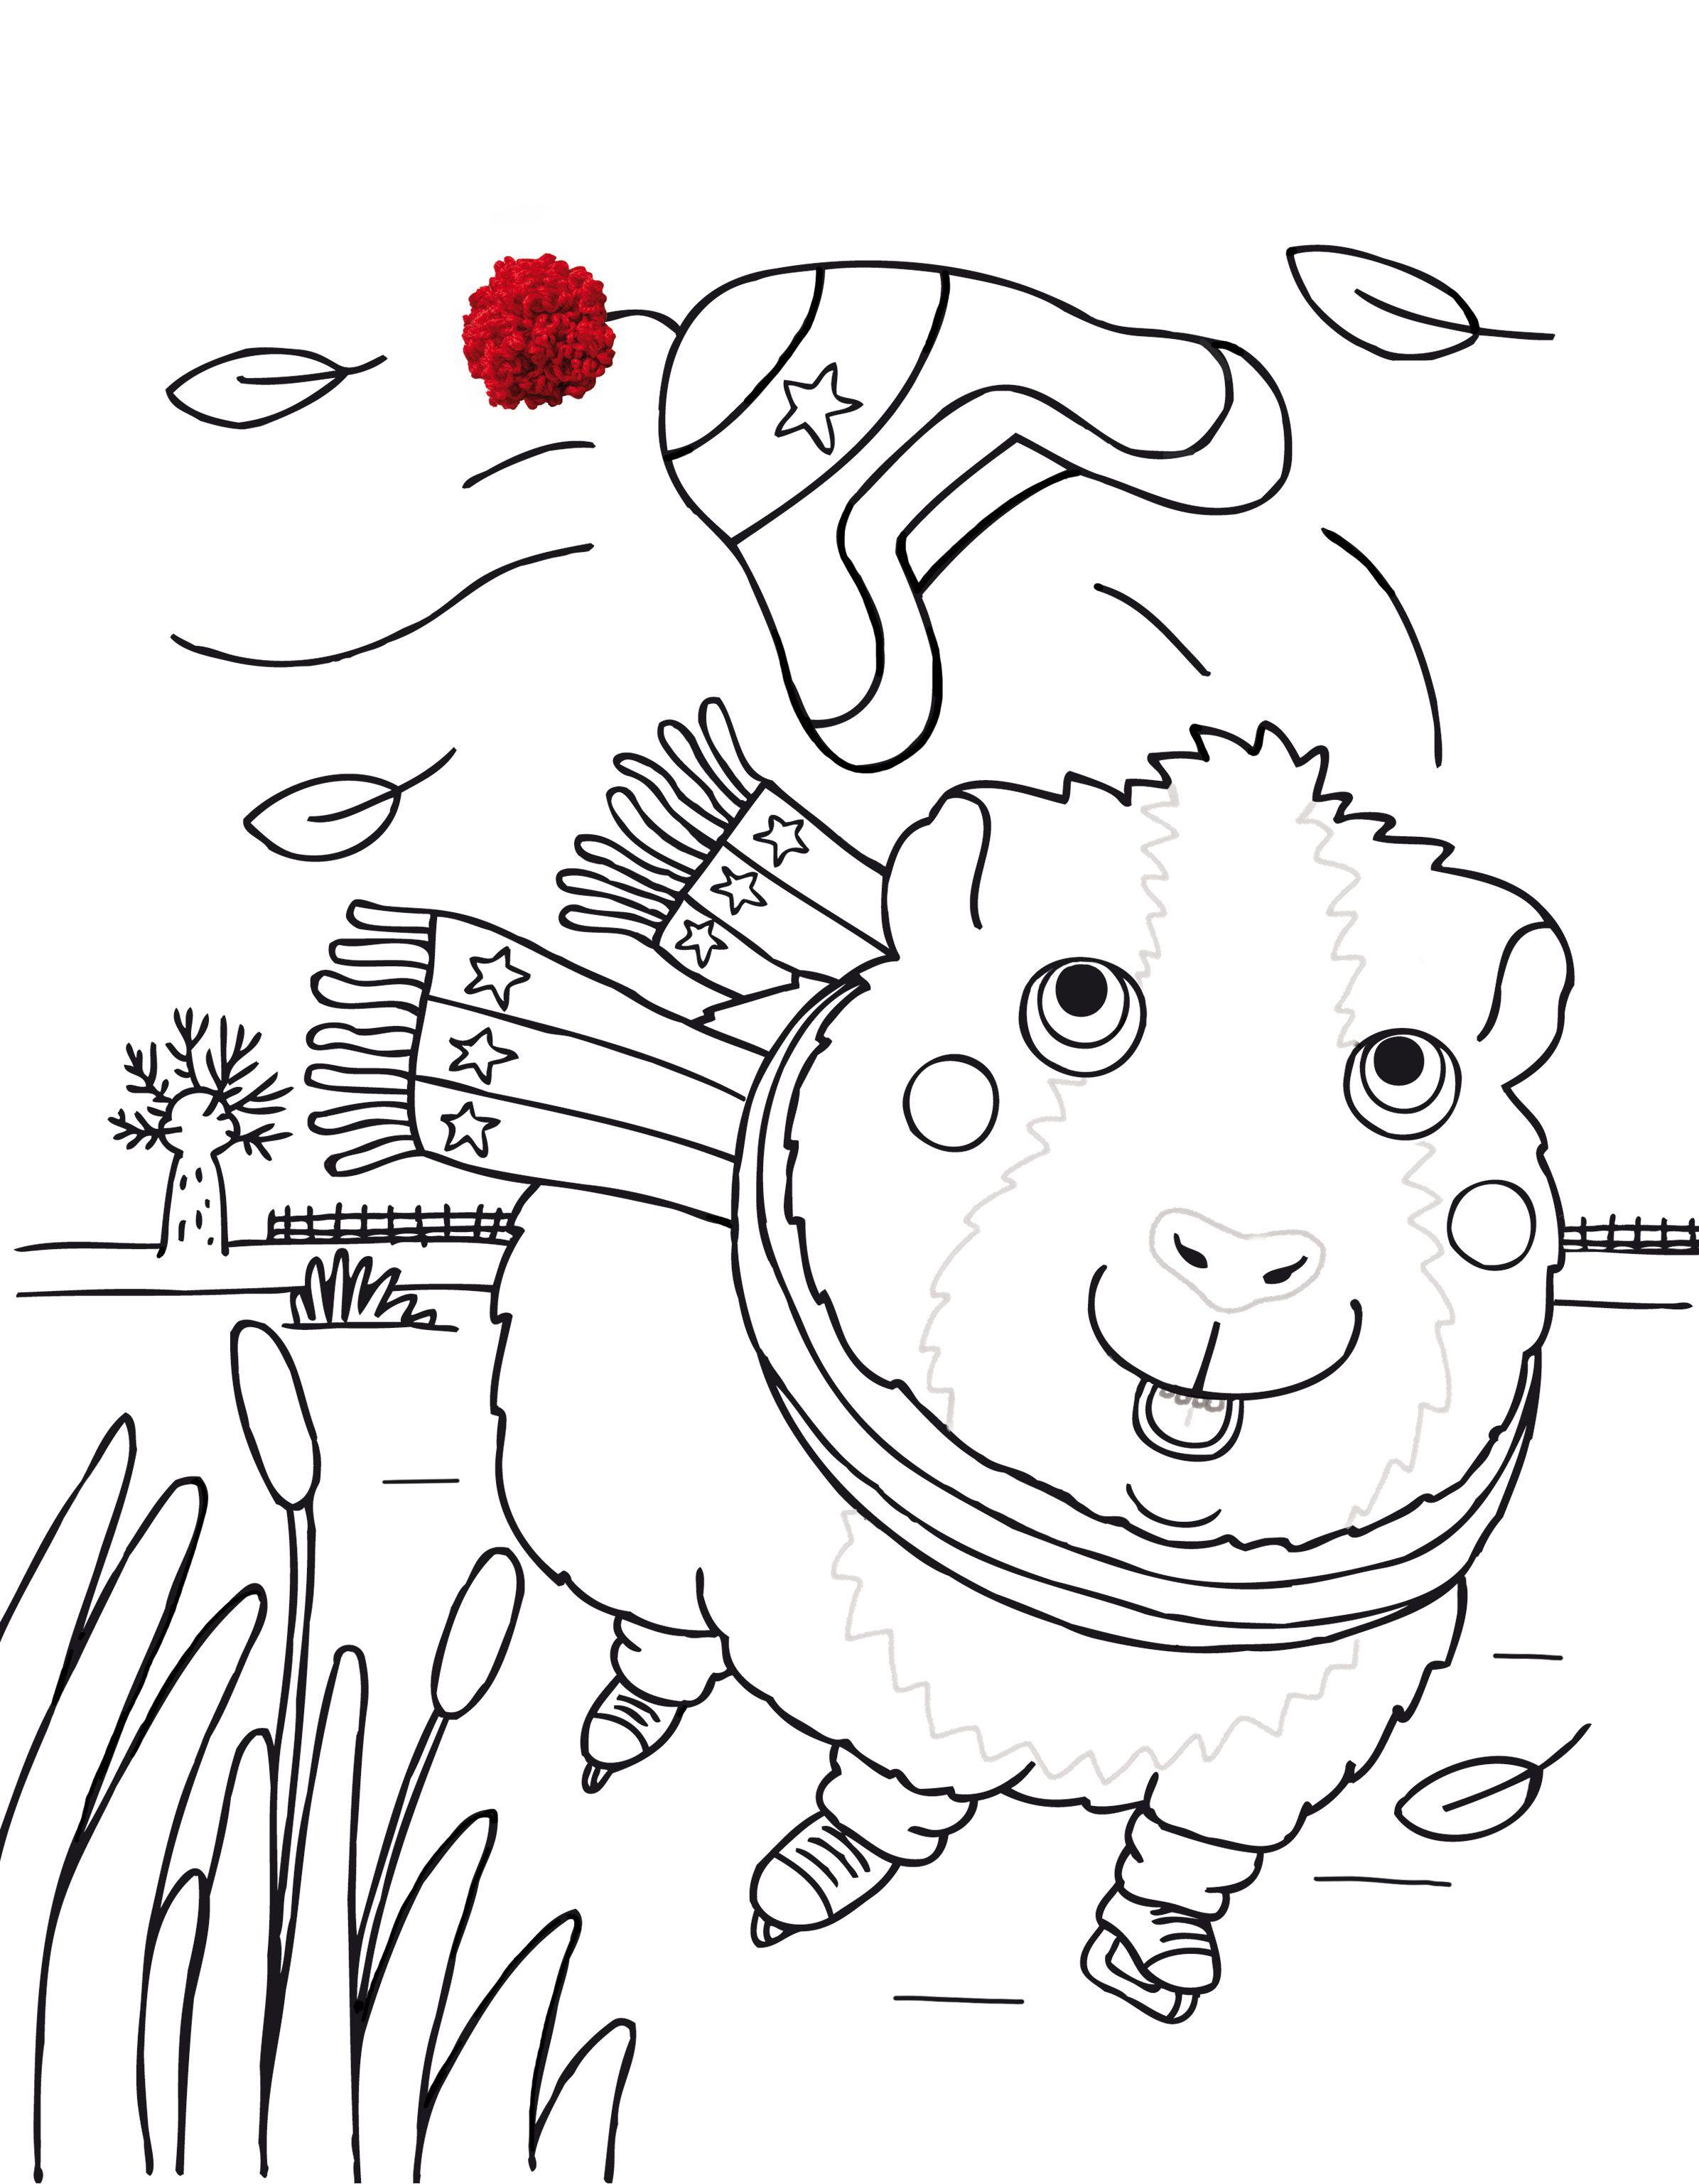 Kleurplaten Maan Roos Vis.Kleurplaat Schaatsen Tijdschrift Maan Roos Vis Illustratie Door